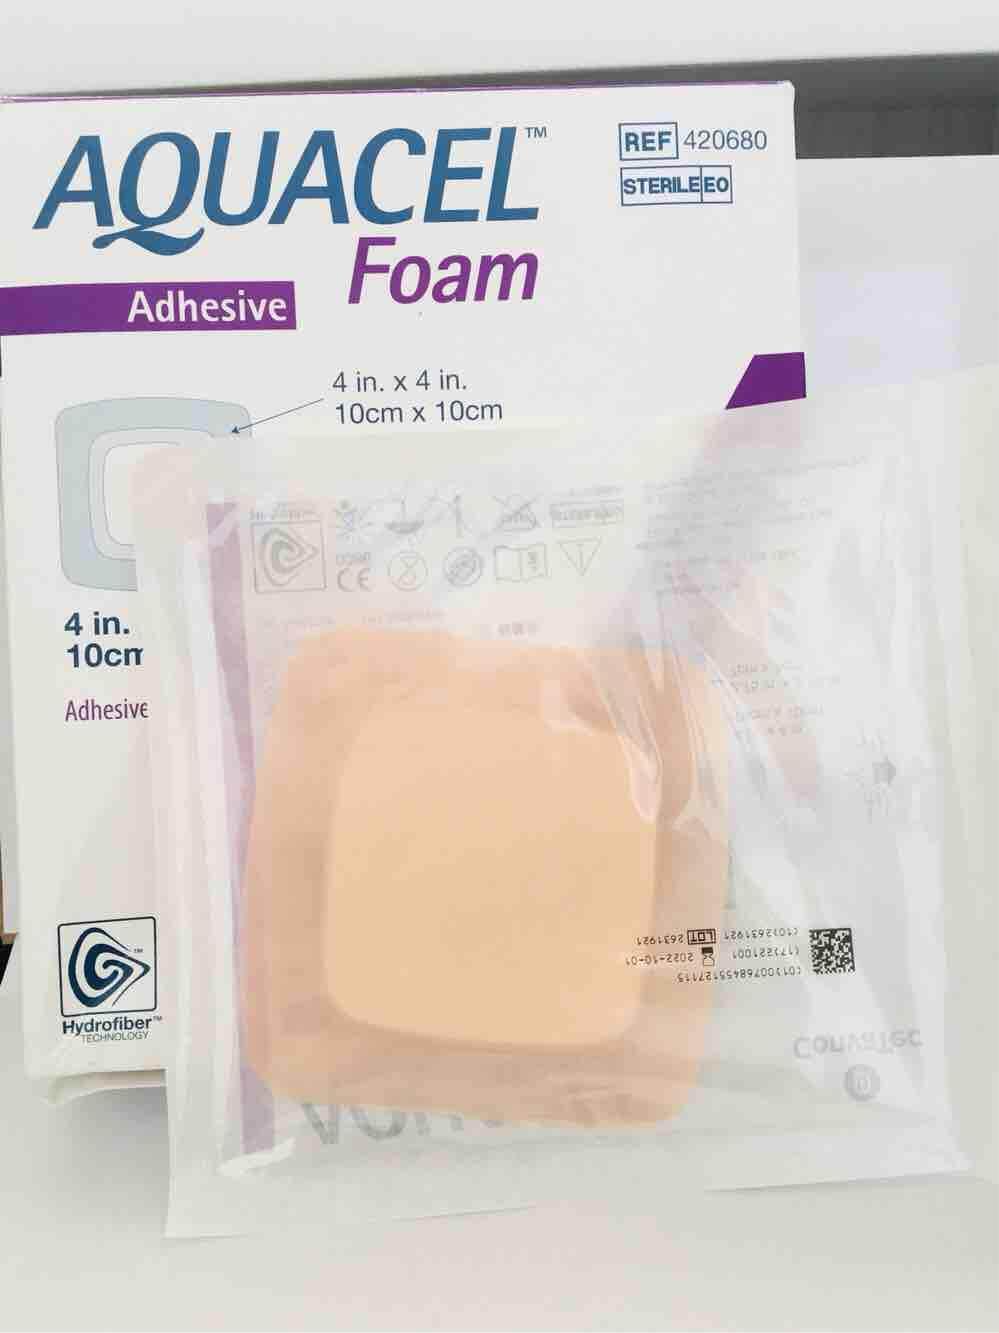 Aquacel Foam Adhesive 1pcs (10cm x10cm)